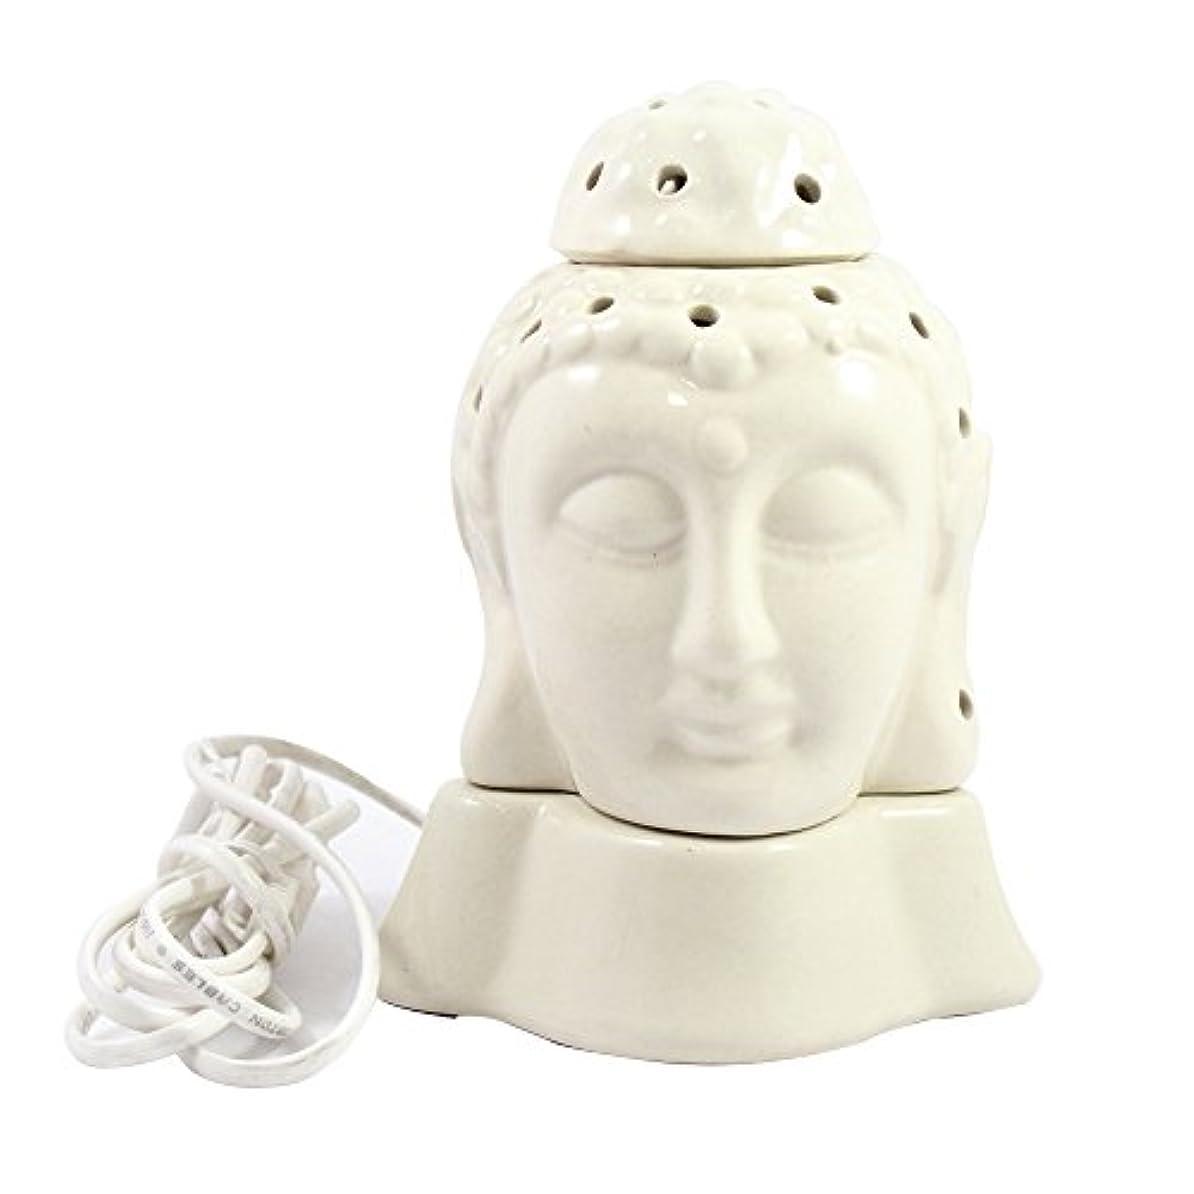 シフト大胆不敵膨らみGautama Buddha電気アロマオイルバーナー&ティーライトランプ/良質ホワイトカラー数量1 /汚染無料手作りセラミック主仏電気T - ライトランプ&香油ディフューザー